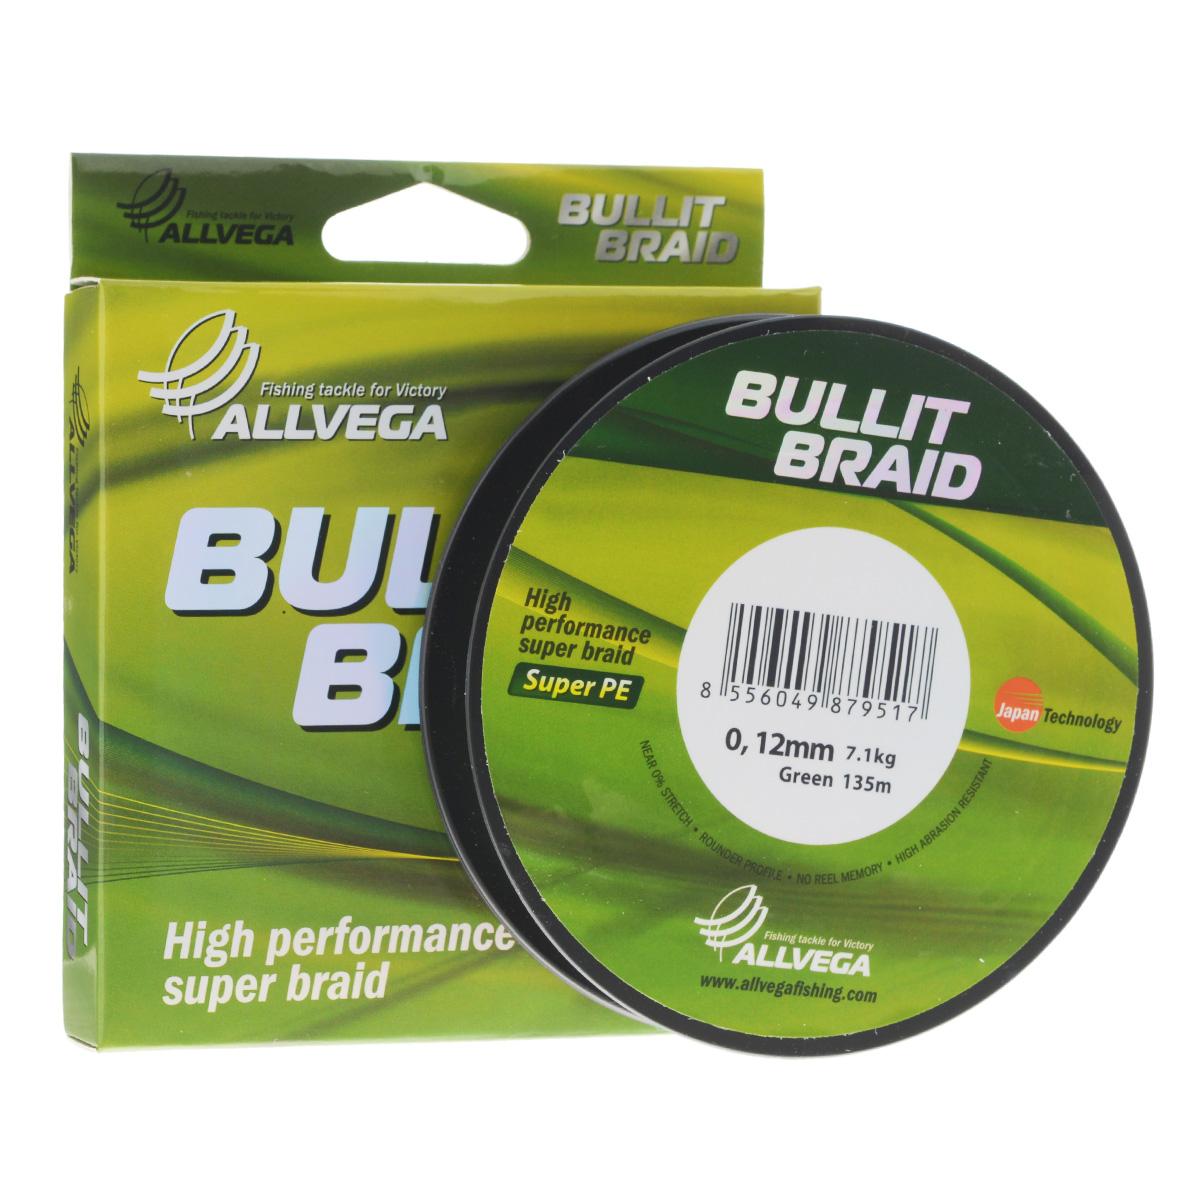 Леска плетеная Allvega Bullit Braid, цвет: темно-зеленый, 135 м, 0,12 мм, 7,1 кг21440Леска Allvega Bullit Braid с гладкой поверхностью и одинаковым сечением по всей длине обладает высокой износостойкостью. Благодаря микроволокнам полиэтилена (Super PE) леска имеет очень плотное плетение и не впитывает воду. Леску Allvega Bullit Braid можно применять в любых типах водоемов. Особенности: повышенная износостойкость; высокая чувствительность - коэффициент растяжения близок к нулю; отсутствует память; идеально гладкая поверхность позволяет увеличить дальность забросов; высокая прочность шнура на узлах.